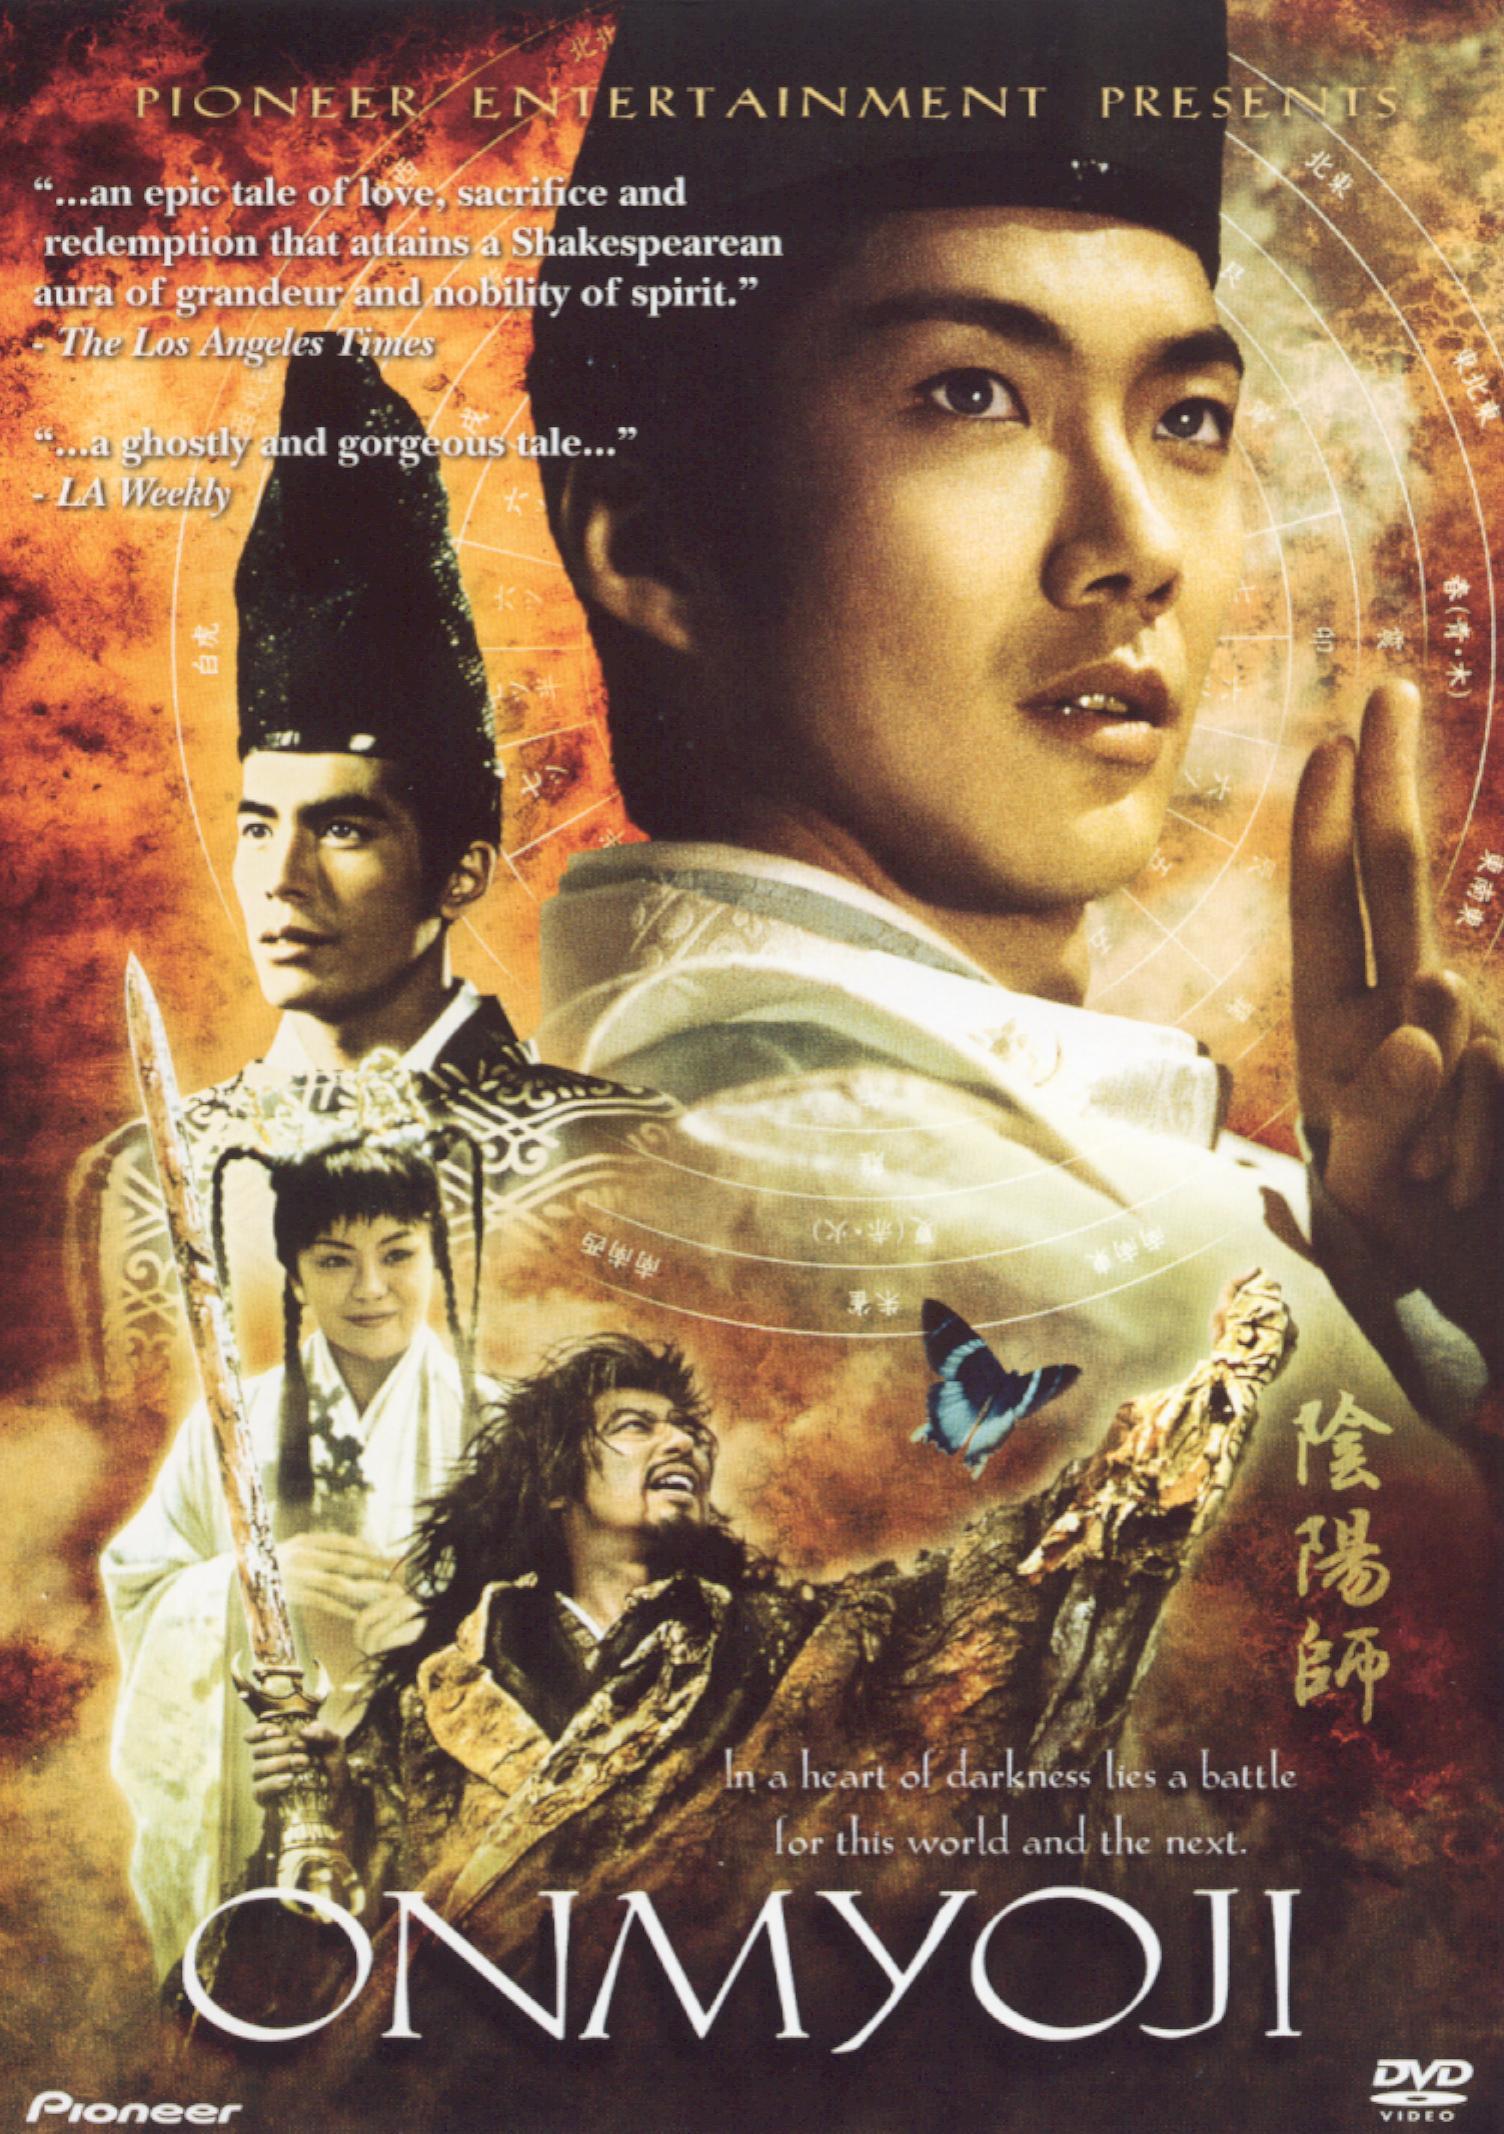 映畫 陰陽師(2001年) | てんつぶ